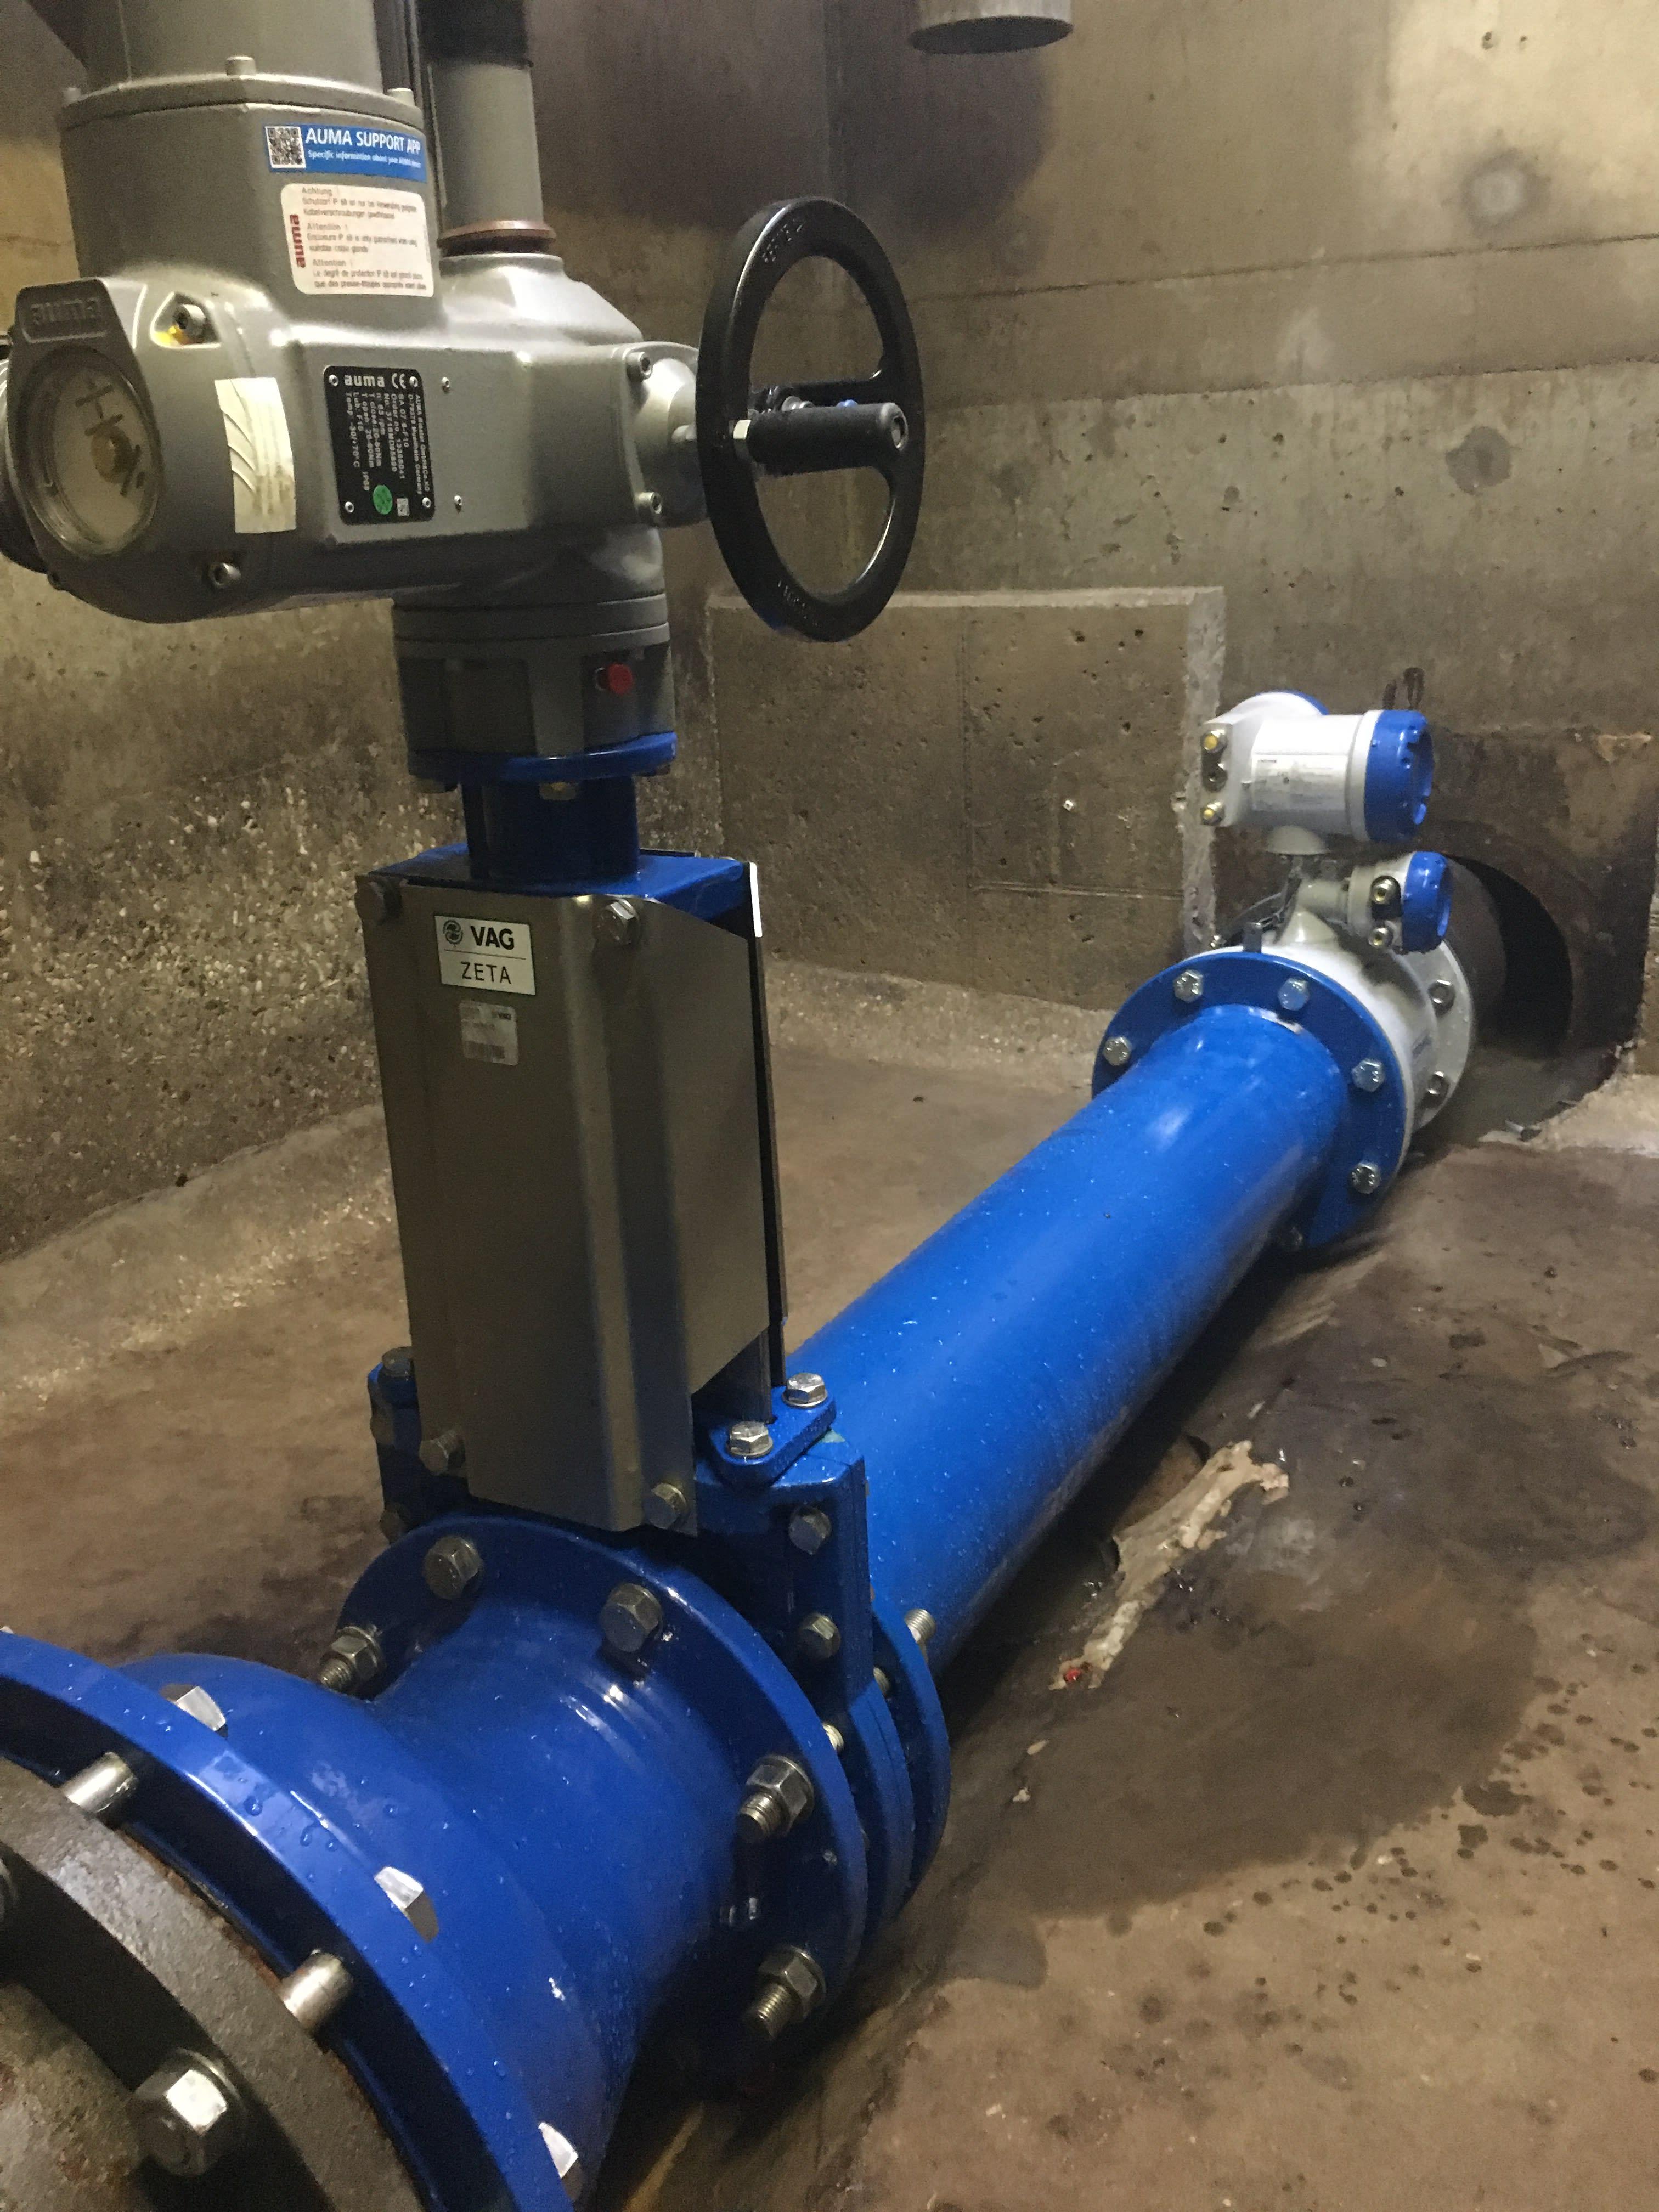 Measuring solution including flowmeter and slide valve